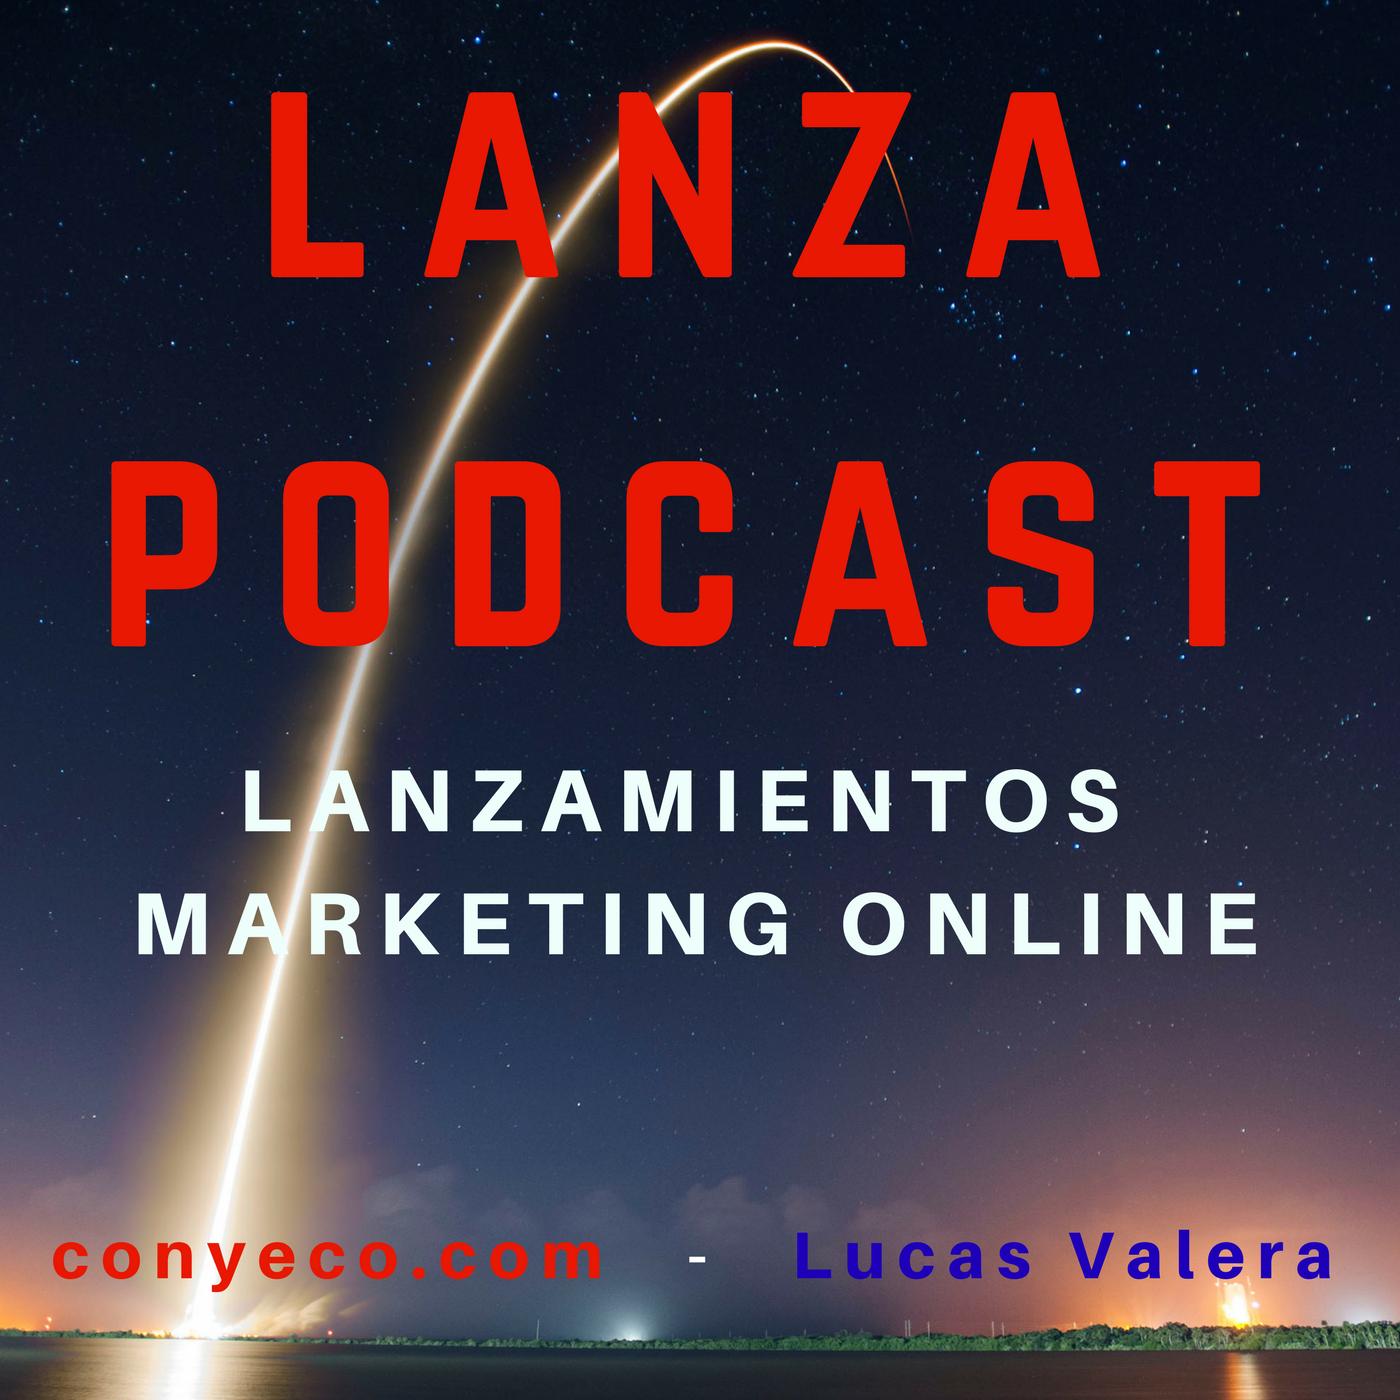 LanzaPodcast es el Programa sobre Lanzamientos de Marketing Online